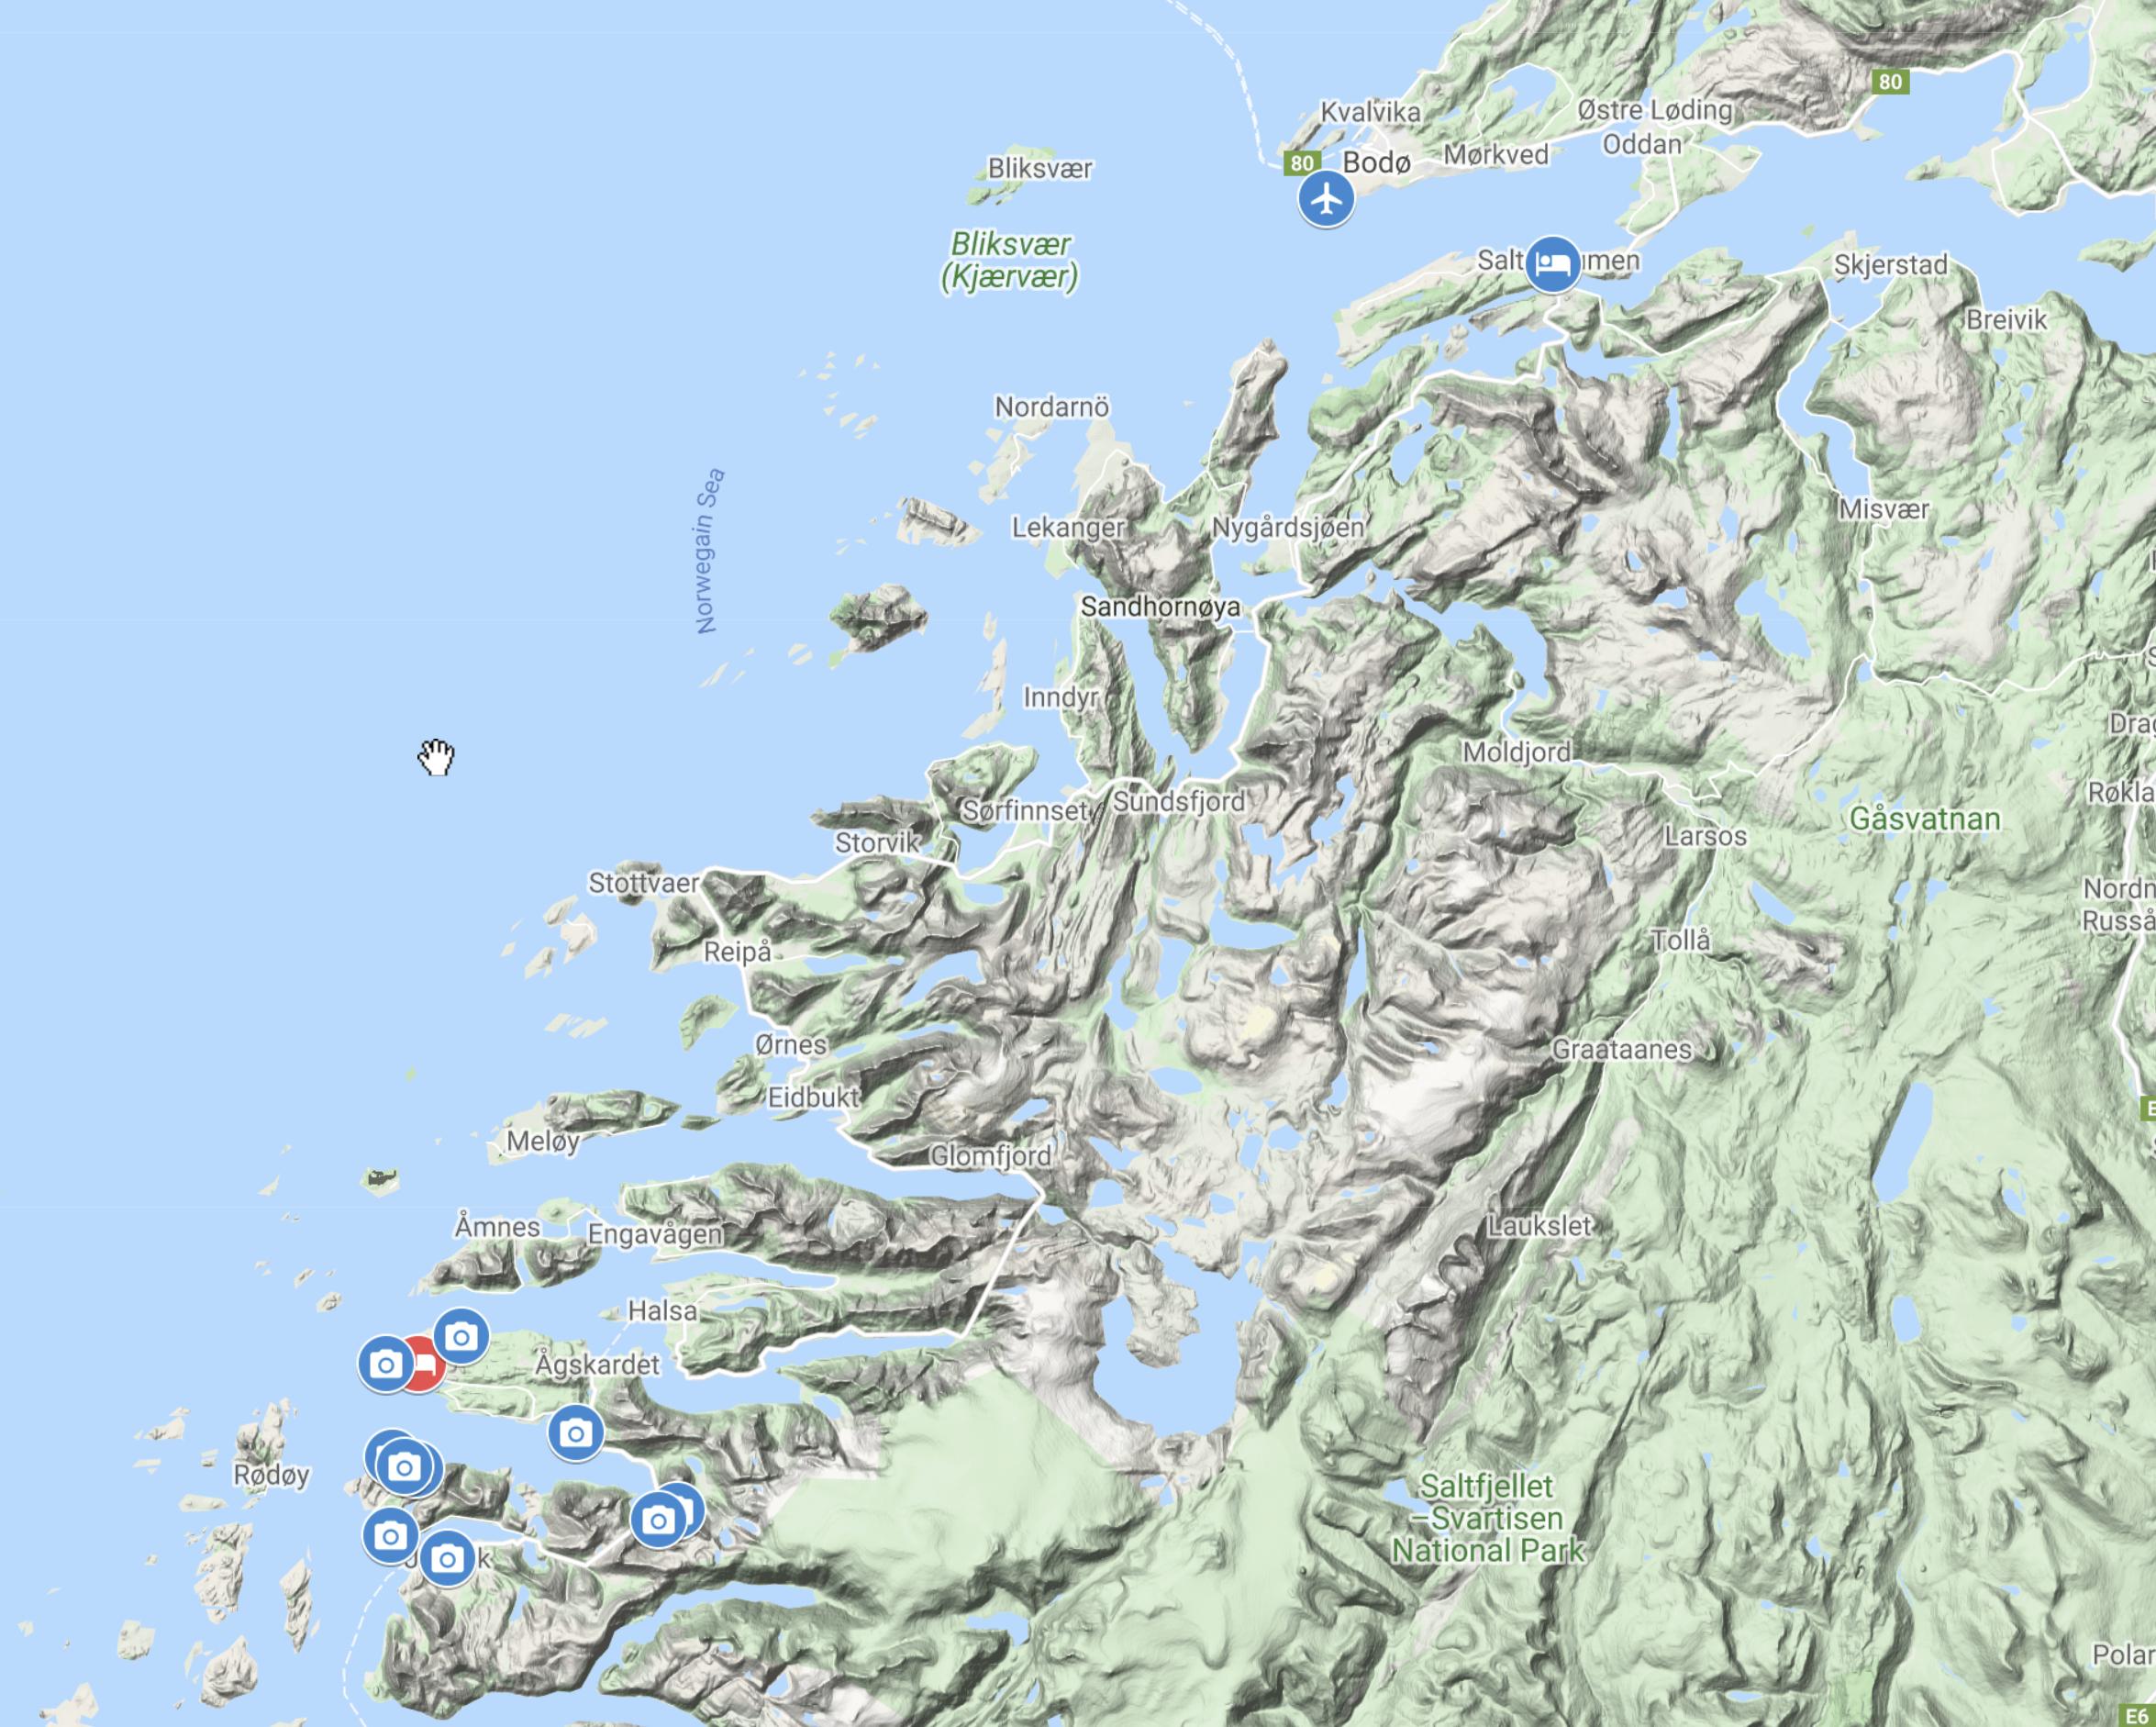 Karte_Norwegen_2020